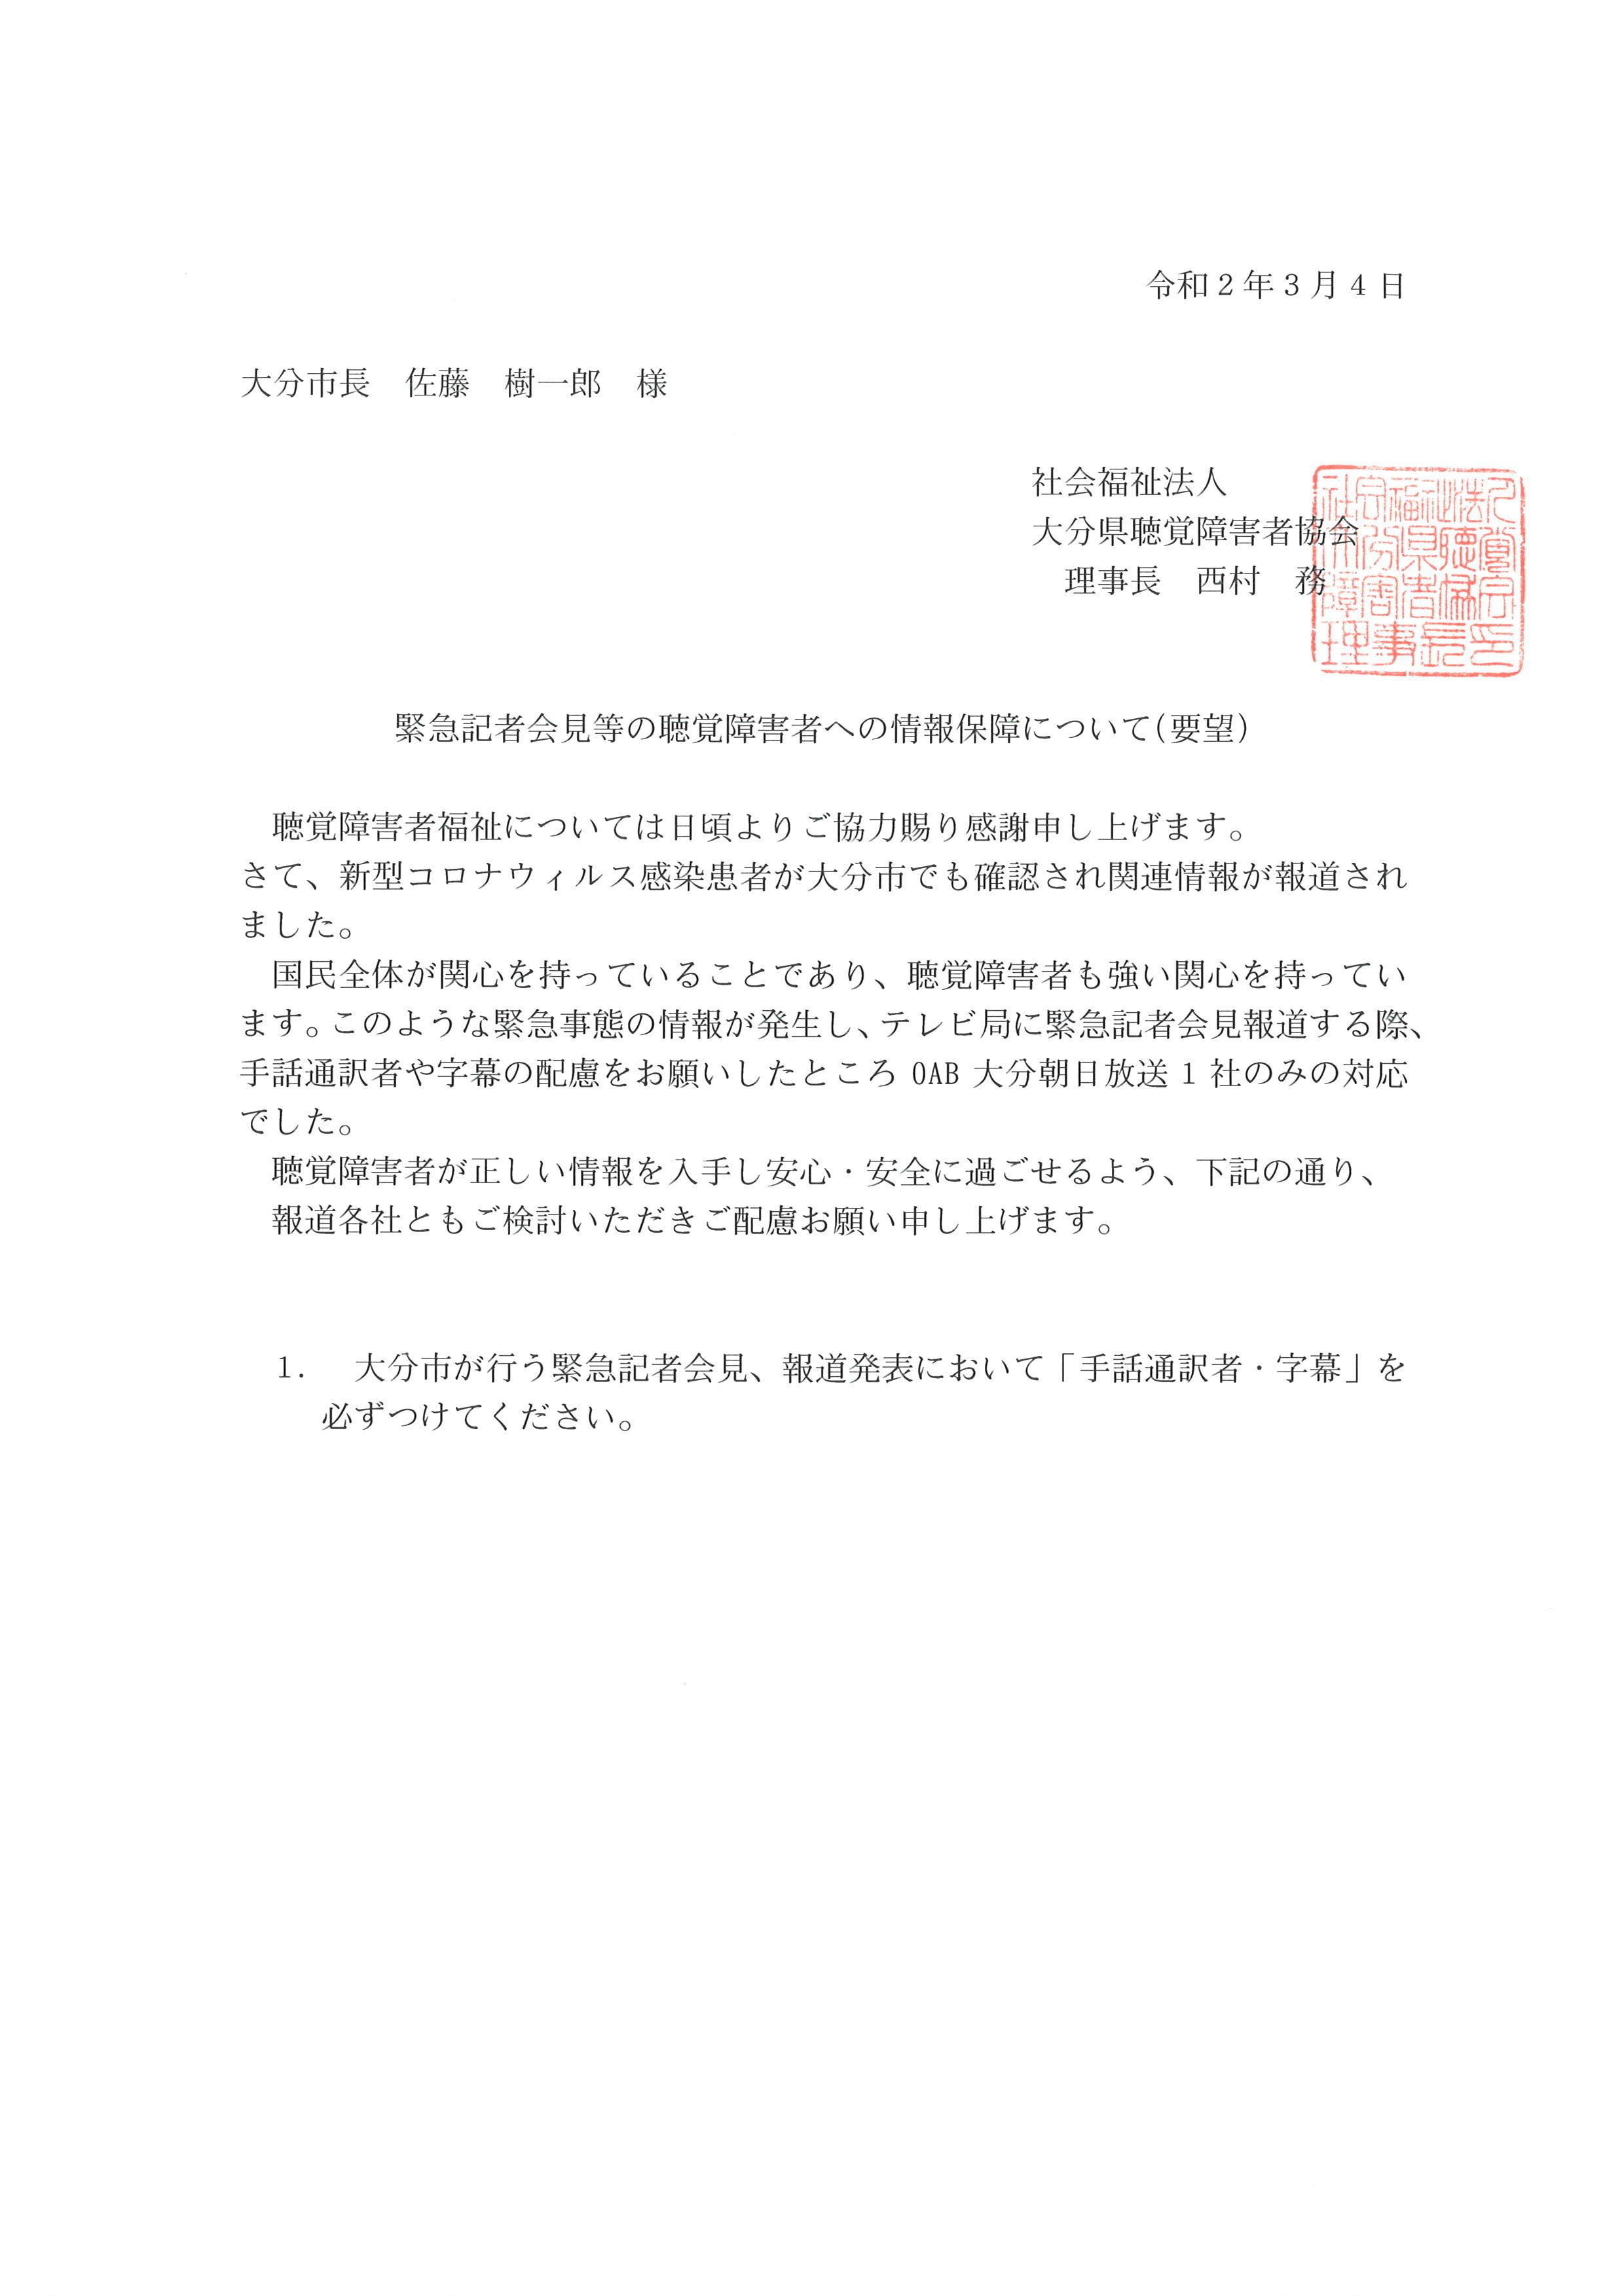 緊急記者会見等の聴覚障害者への情報保障について(要望)_d0070316_13022180.jpg